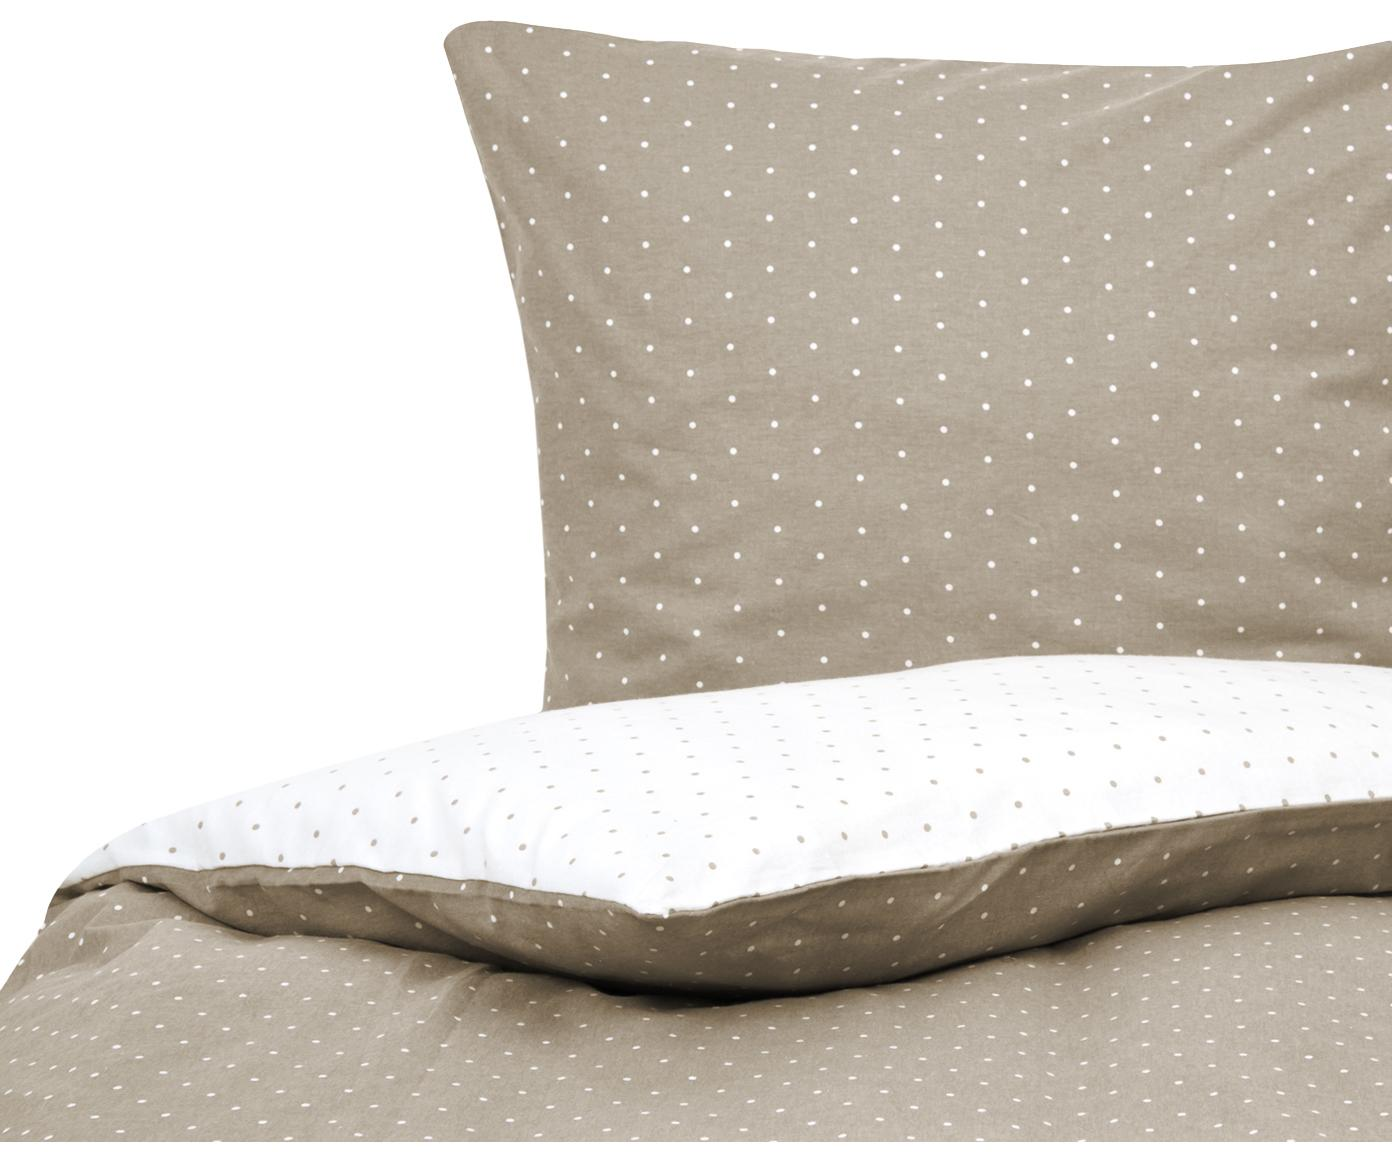 Flanell-Wendebettwäsche Betty, gepunktet, Webart: Flanell Flanell ist ein s, Beige, Weiss, 155 x 220 cm + 1 Kissen 80 x 80 cm